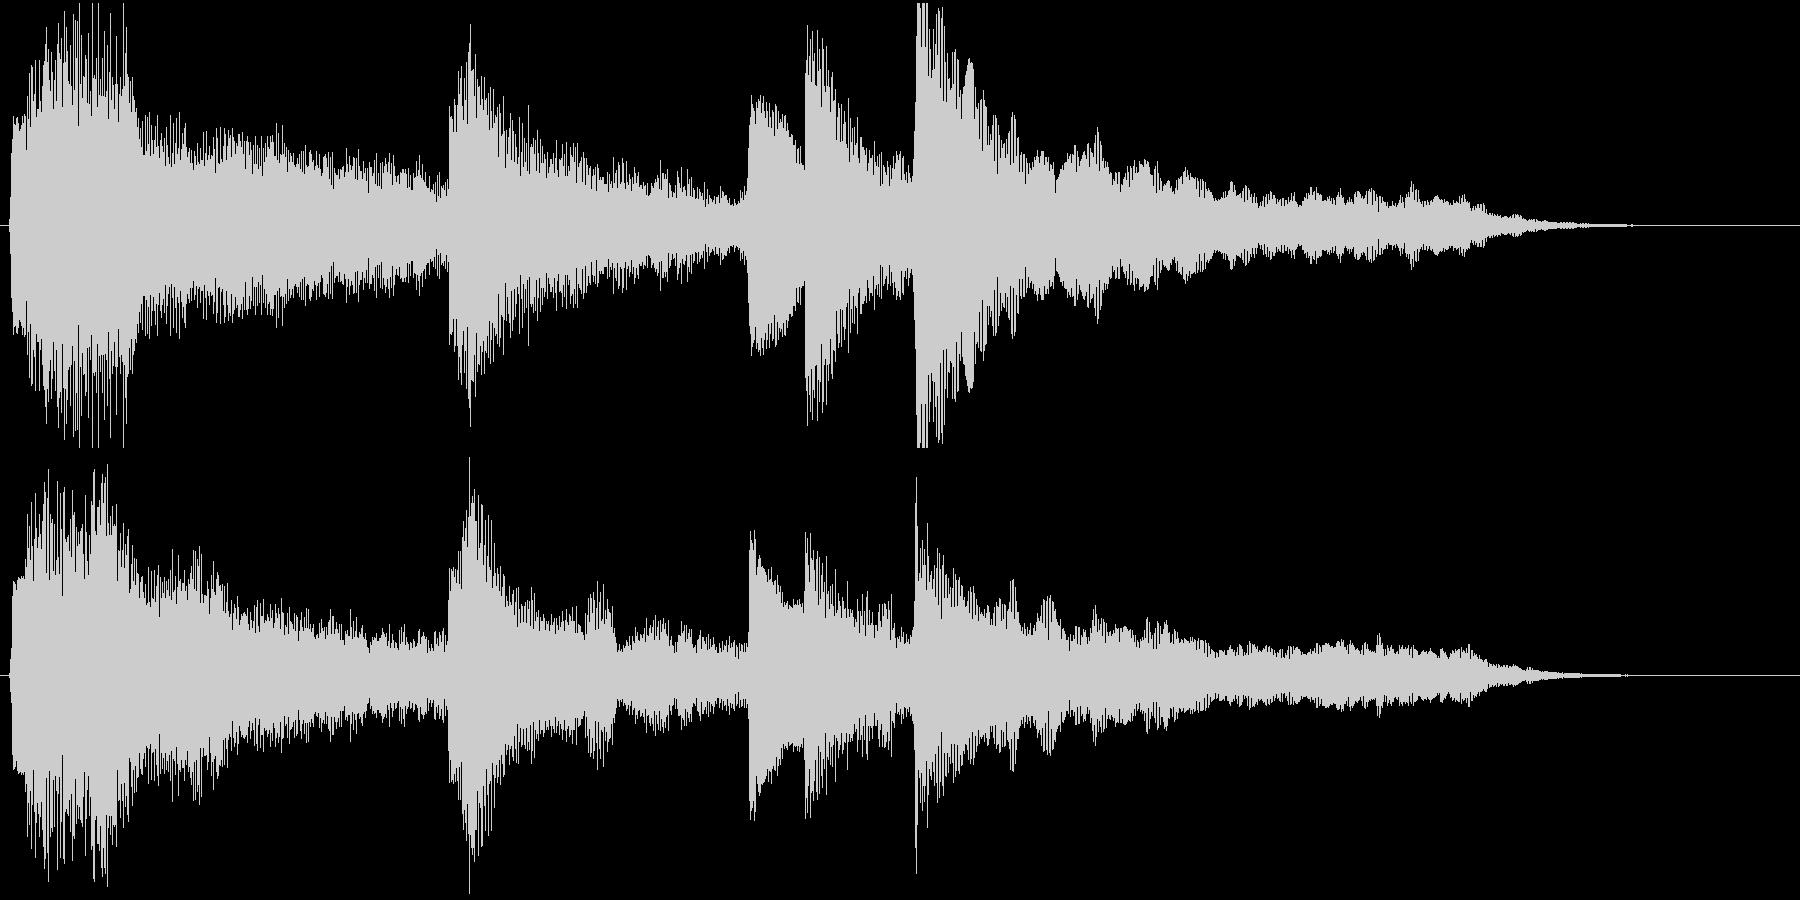 エンディング/ゲームオーバー用ジングルの未再生の波形